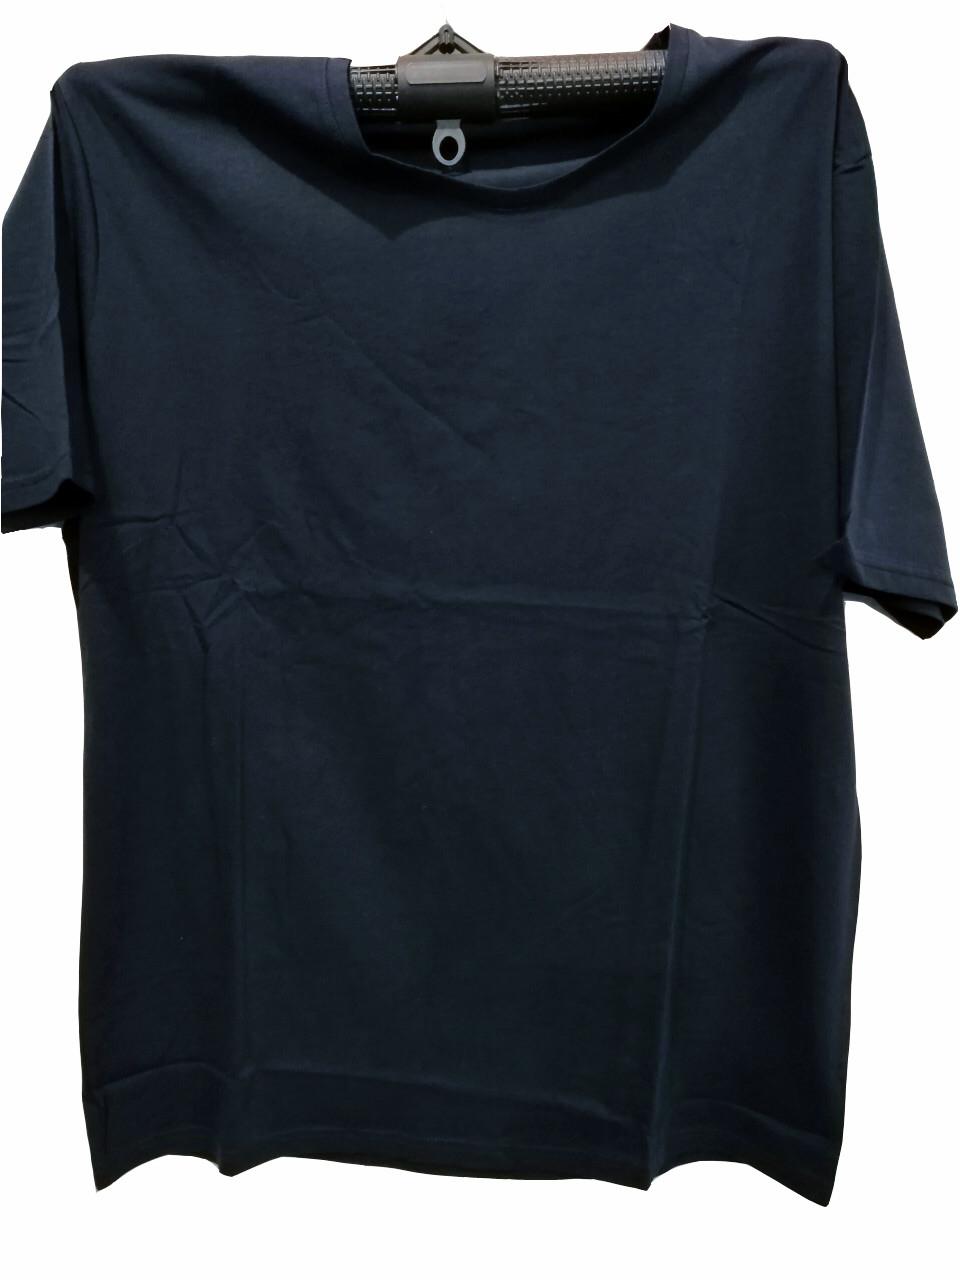 Мужская футболка Pine Peto Модель 9000 батальный размер